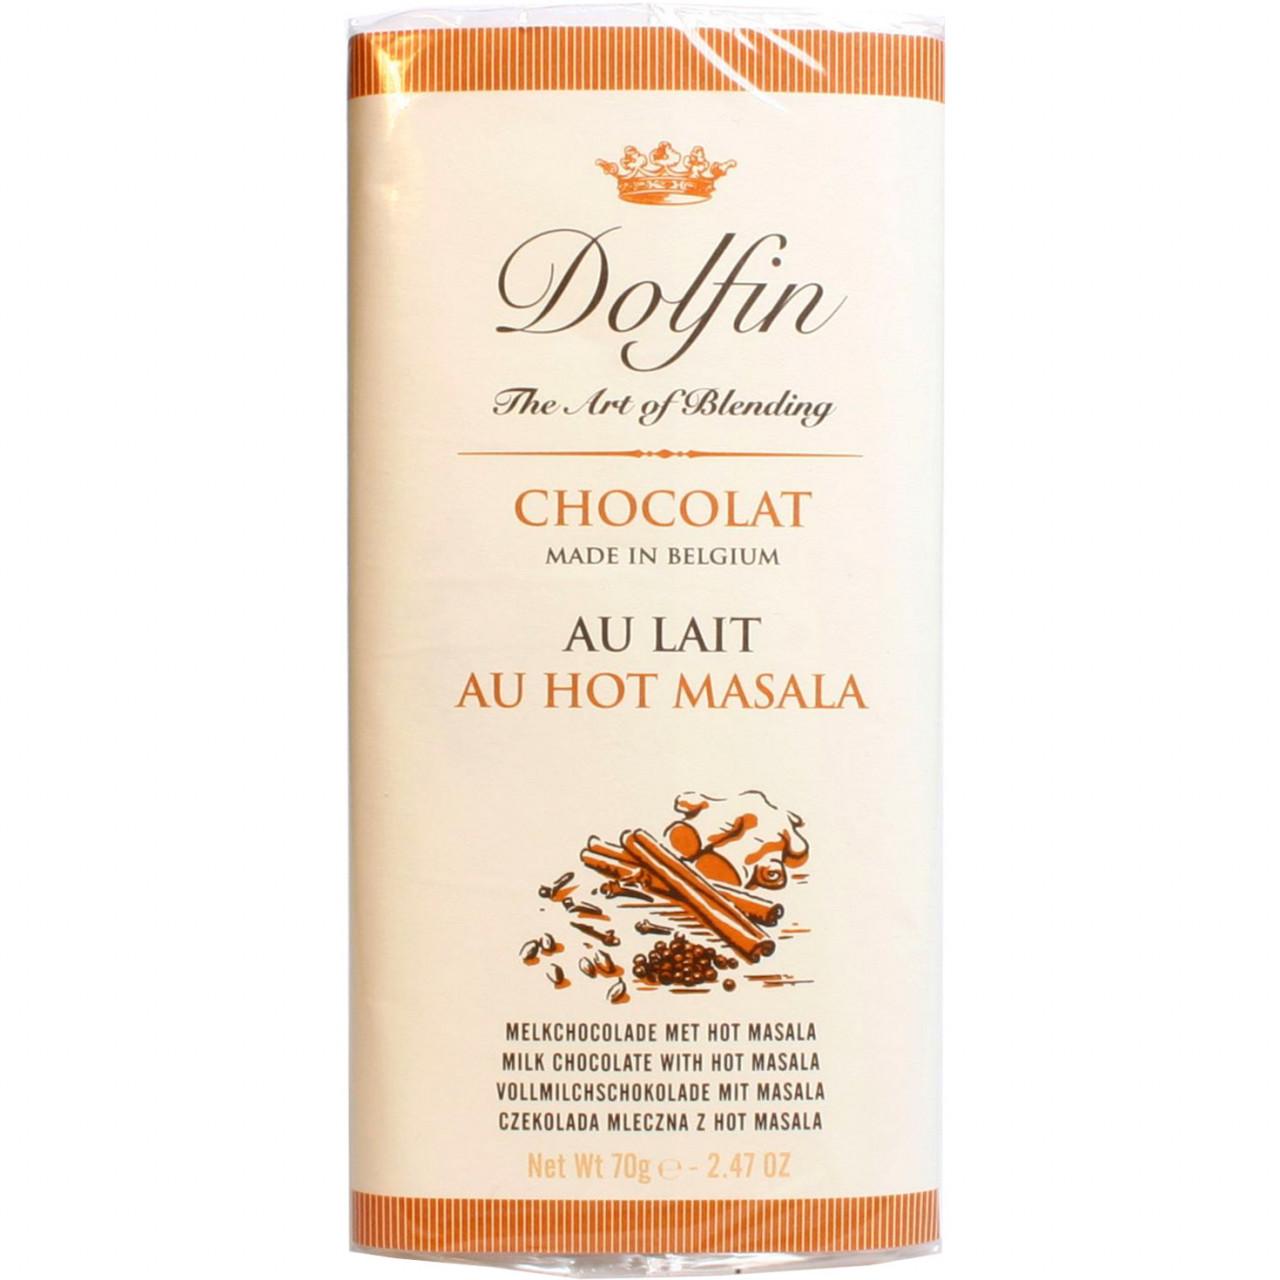 Dolfin, belgische Schokolade, Vollmilchschokolade mit Hot Masala, milk chocolate, chocolat au lait                                                                                                       - Barras de chocolate, Bélgica, belga Chocolate, Chocolate con especias - Chocolats-De-Luxe